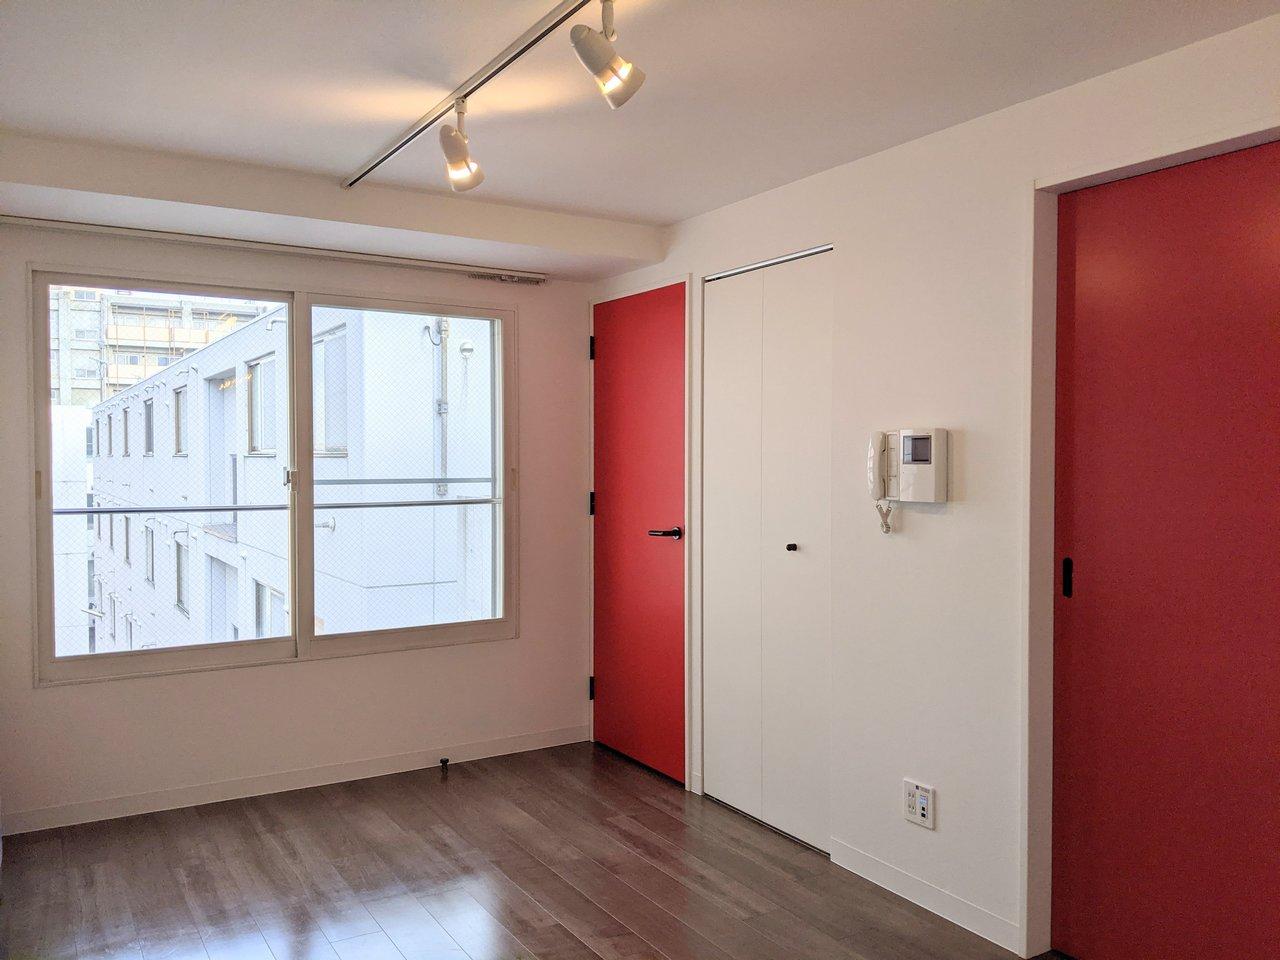 リビングやキッチンは赤のアクセントカラーが使われています。リビングも寝室も使いやすいサイズの広さなので、インテリアを楽しみながら暮らしたい1人暮らしにおすすめです。